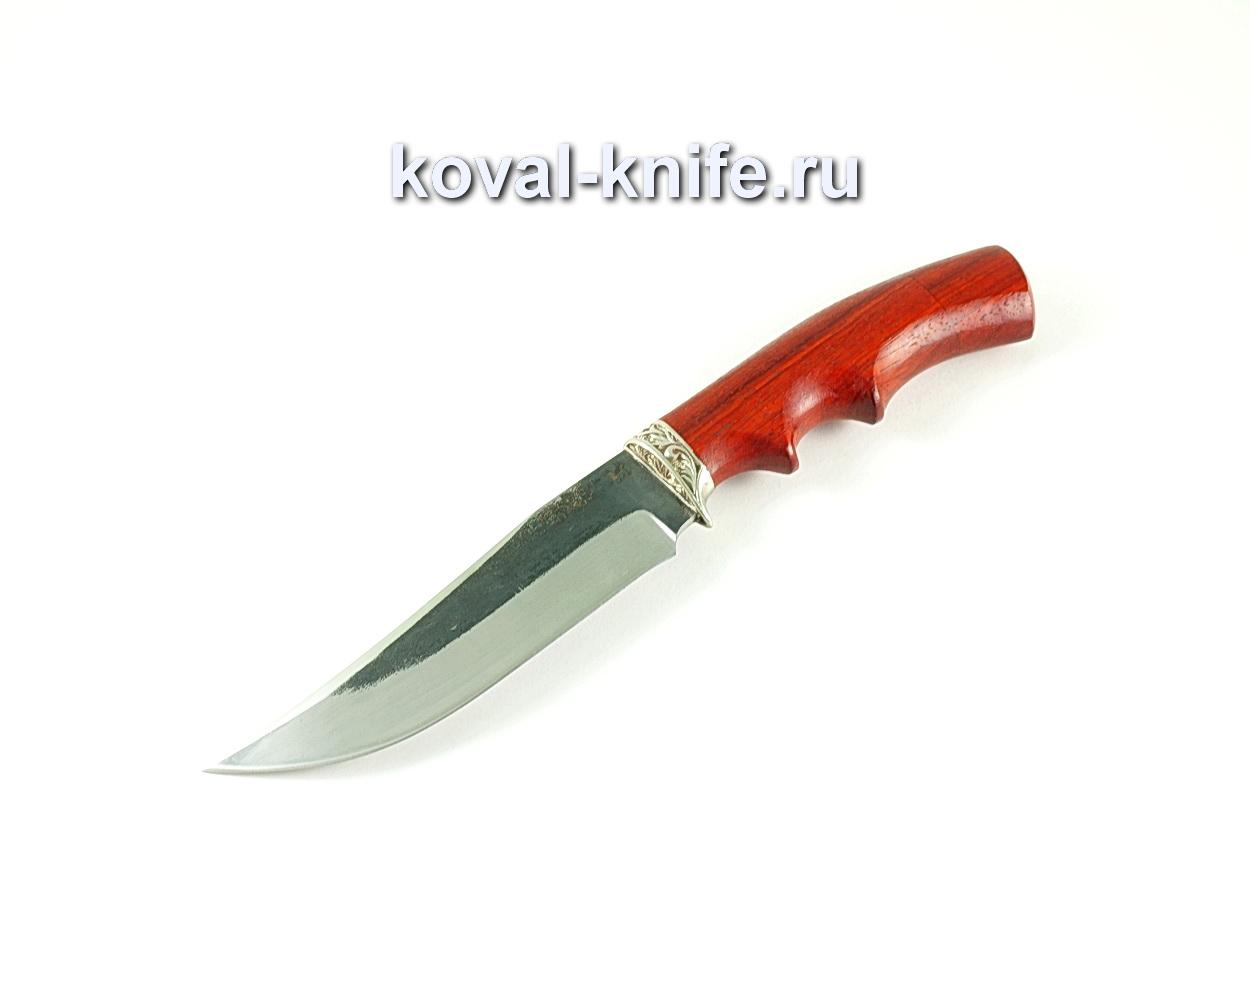 Нож Клыч (сталь 110х18), рукоять падук, литье A152